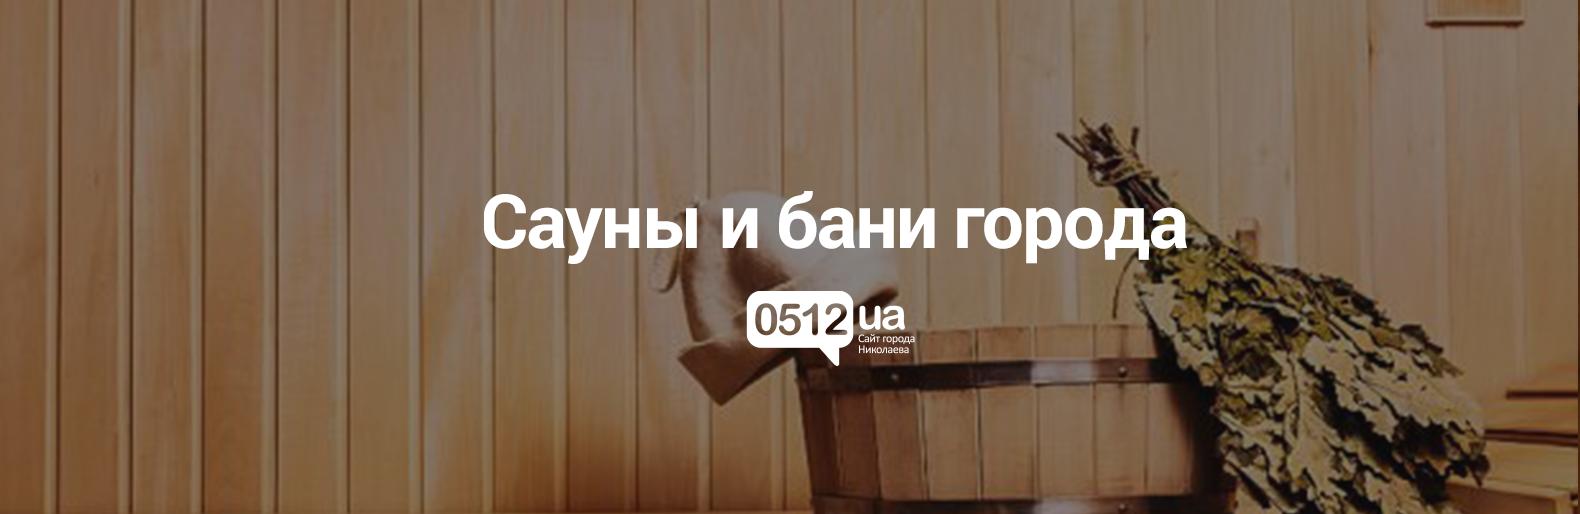 Видео молодежи в сауне, шлюхи г смоленск